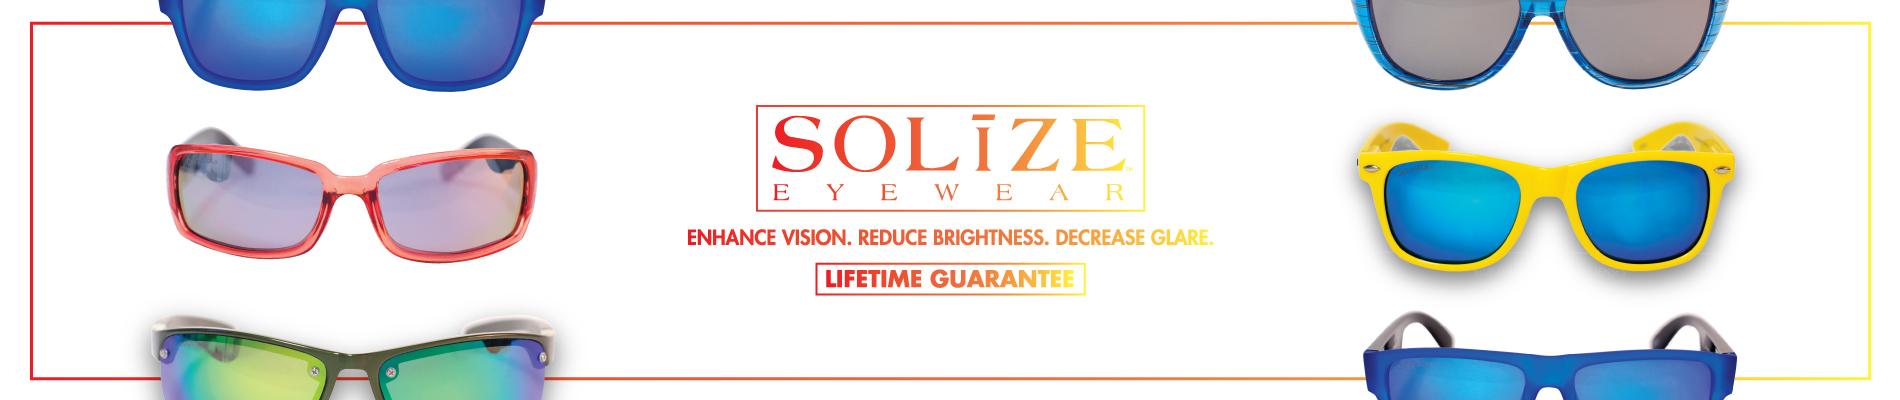 Solize™ Sunglasses